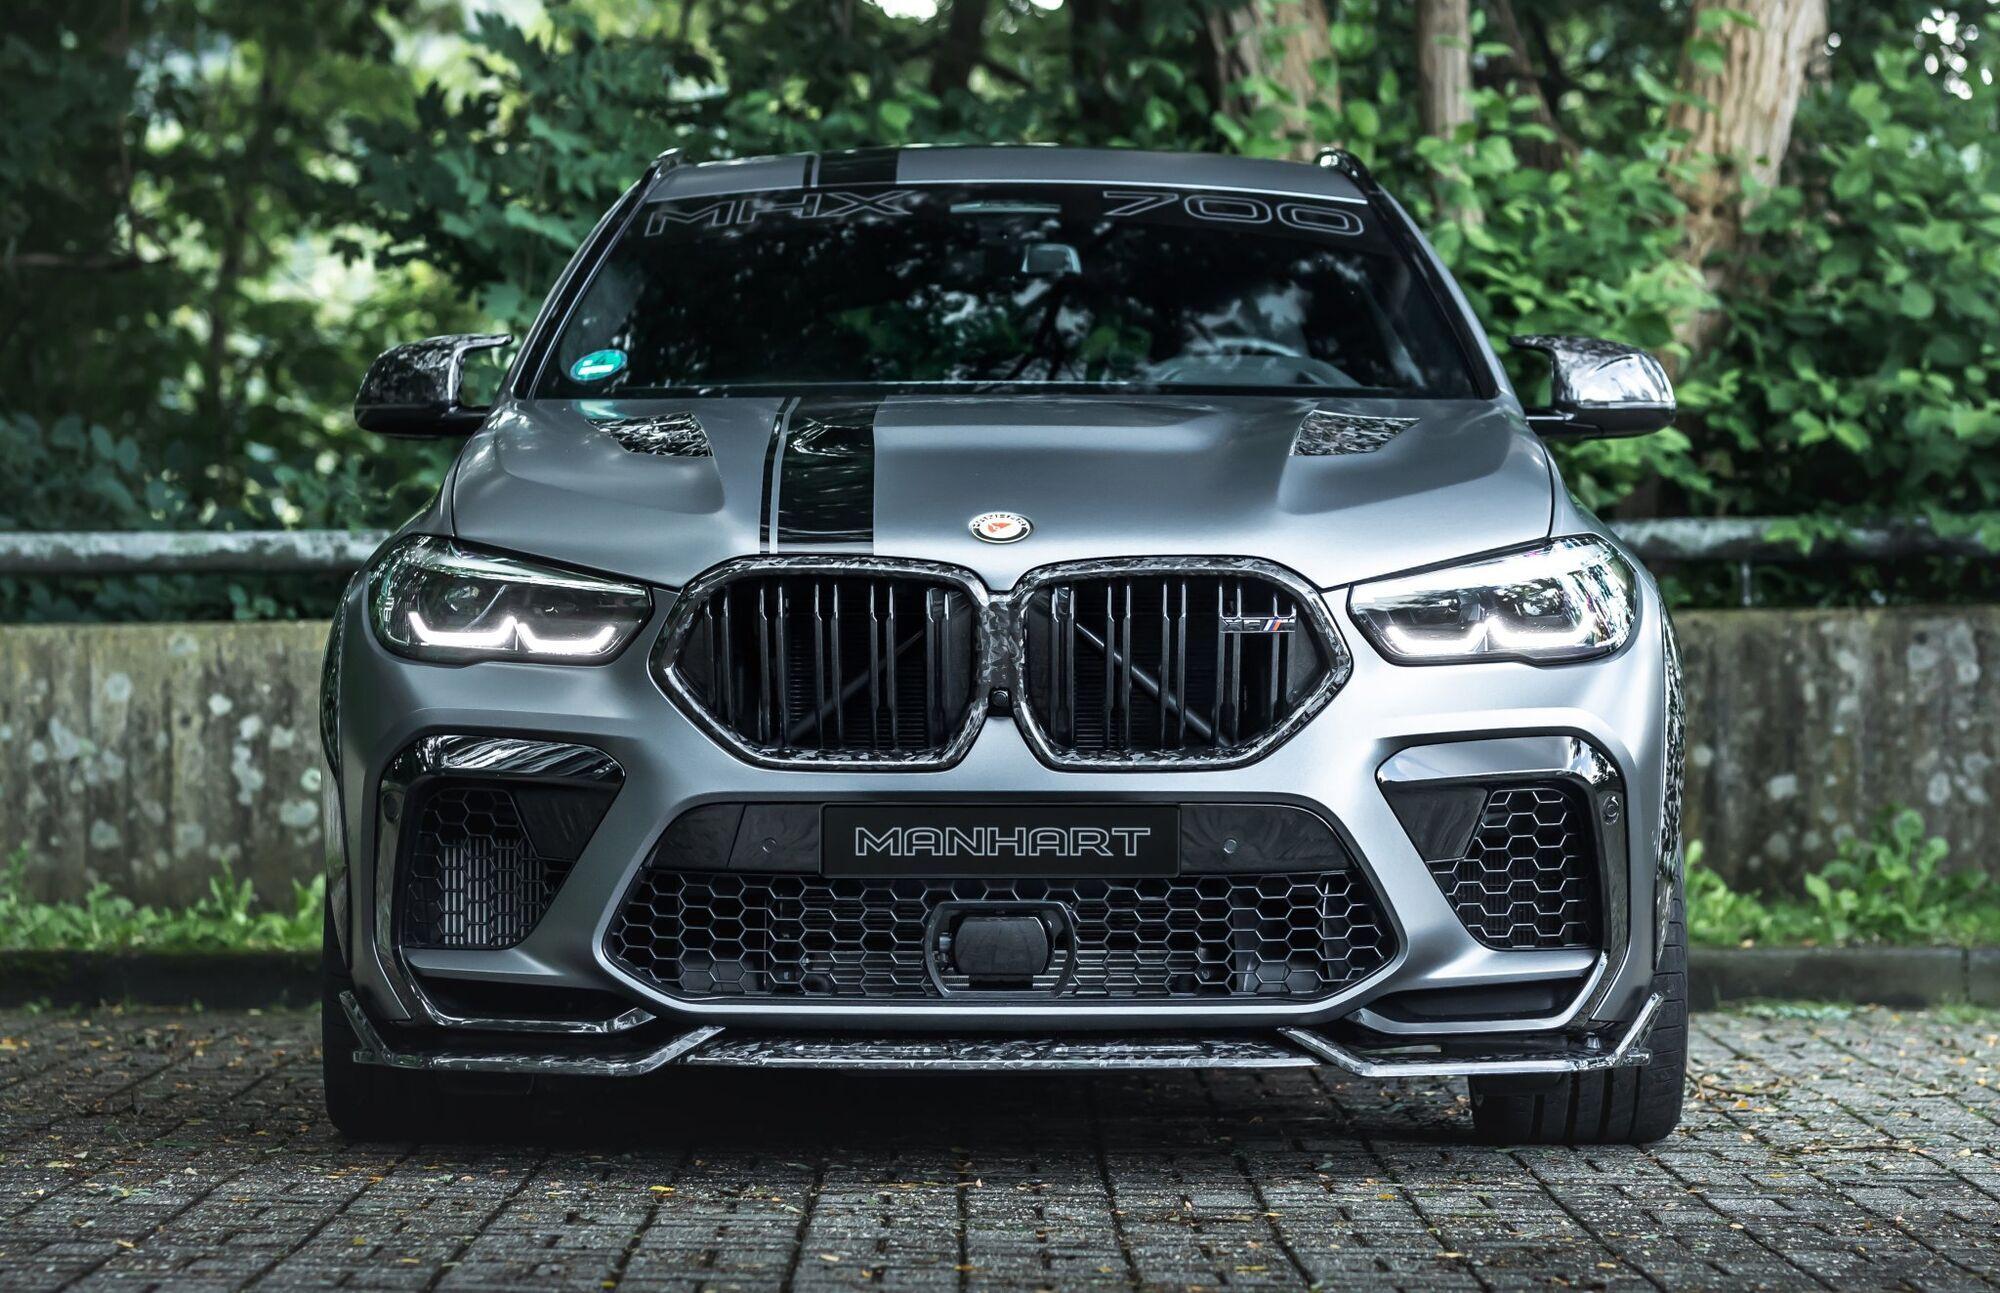 Ателье Manhart показало кроссовер BMW X6 в эффектном карбоновом обвесе